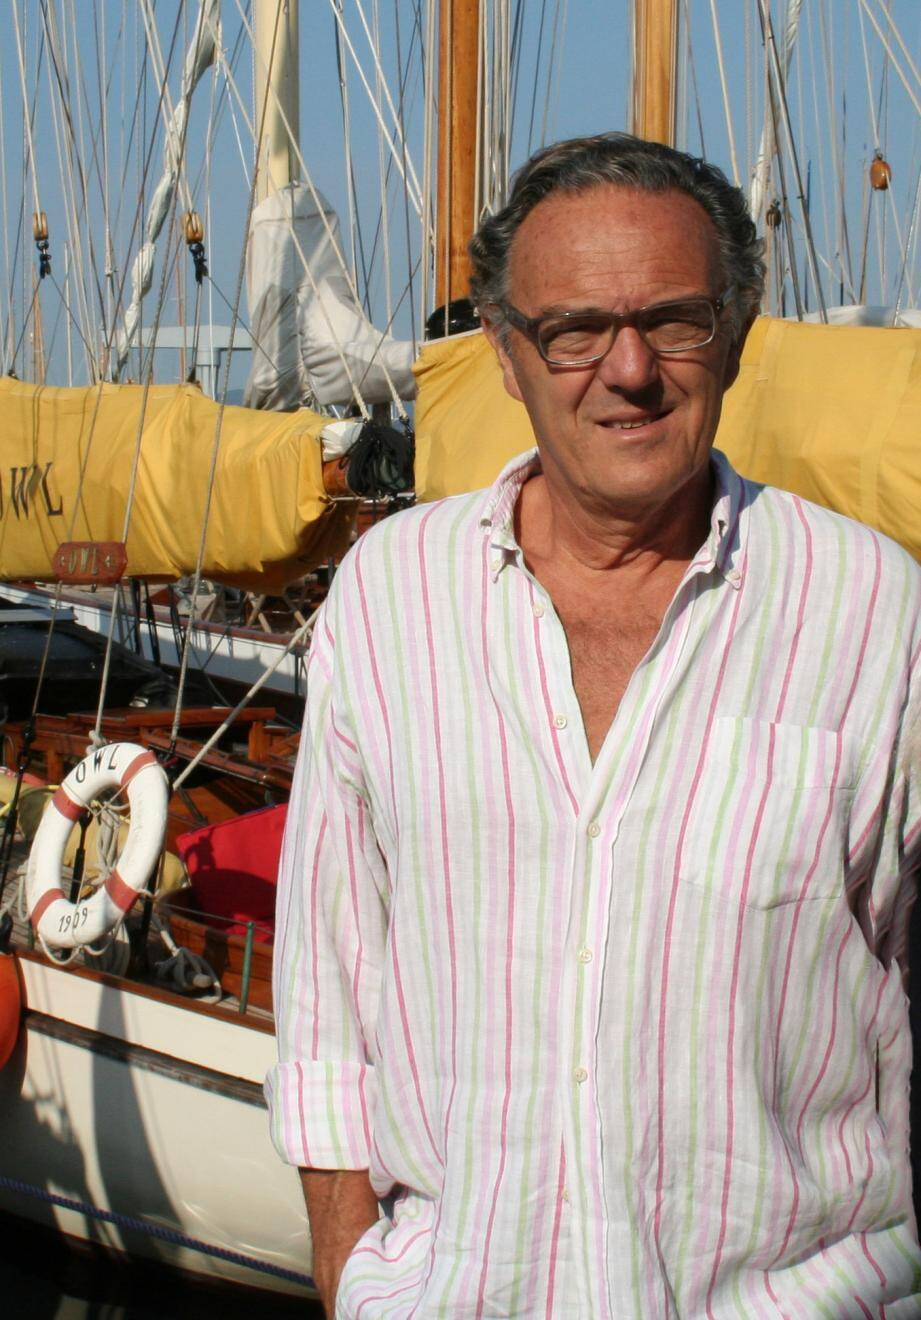 Comme d'autres, François Roos devra payer deux fois son emplacement au port. Il a pris la tête d'une association de défense des amodiataires et usagers.